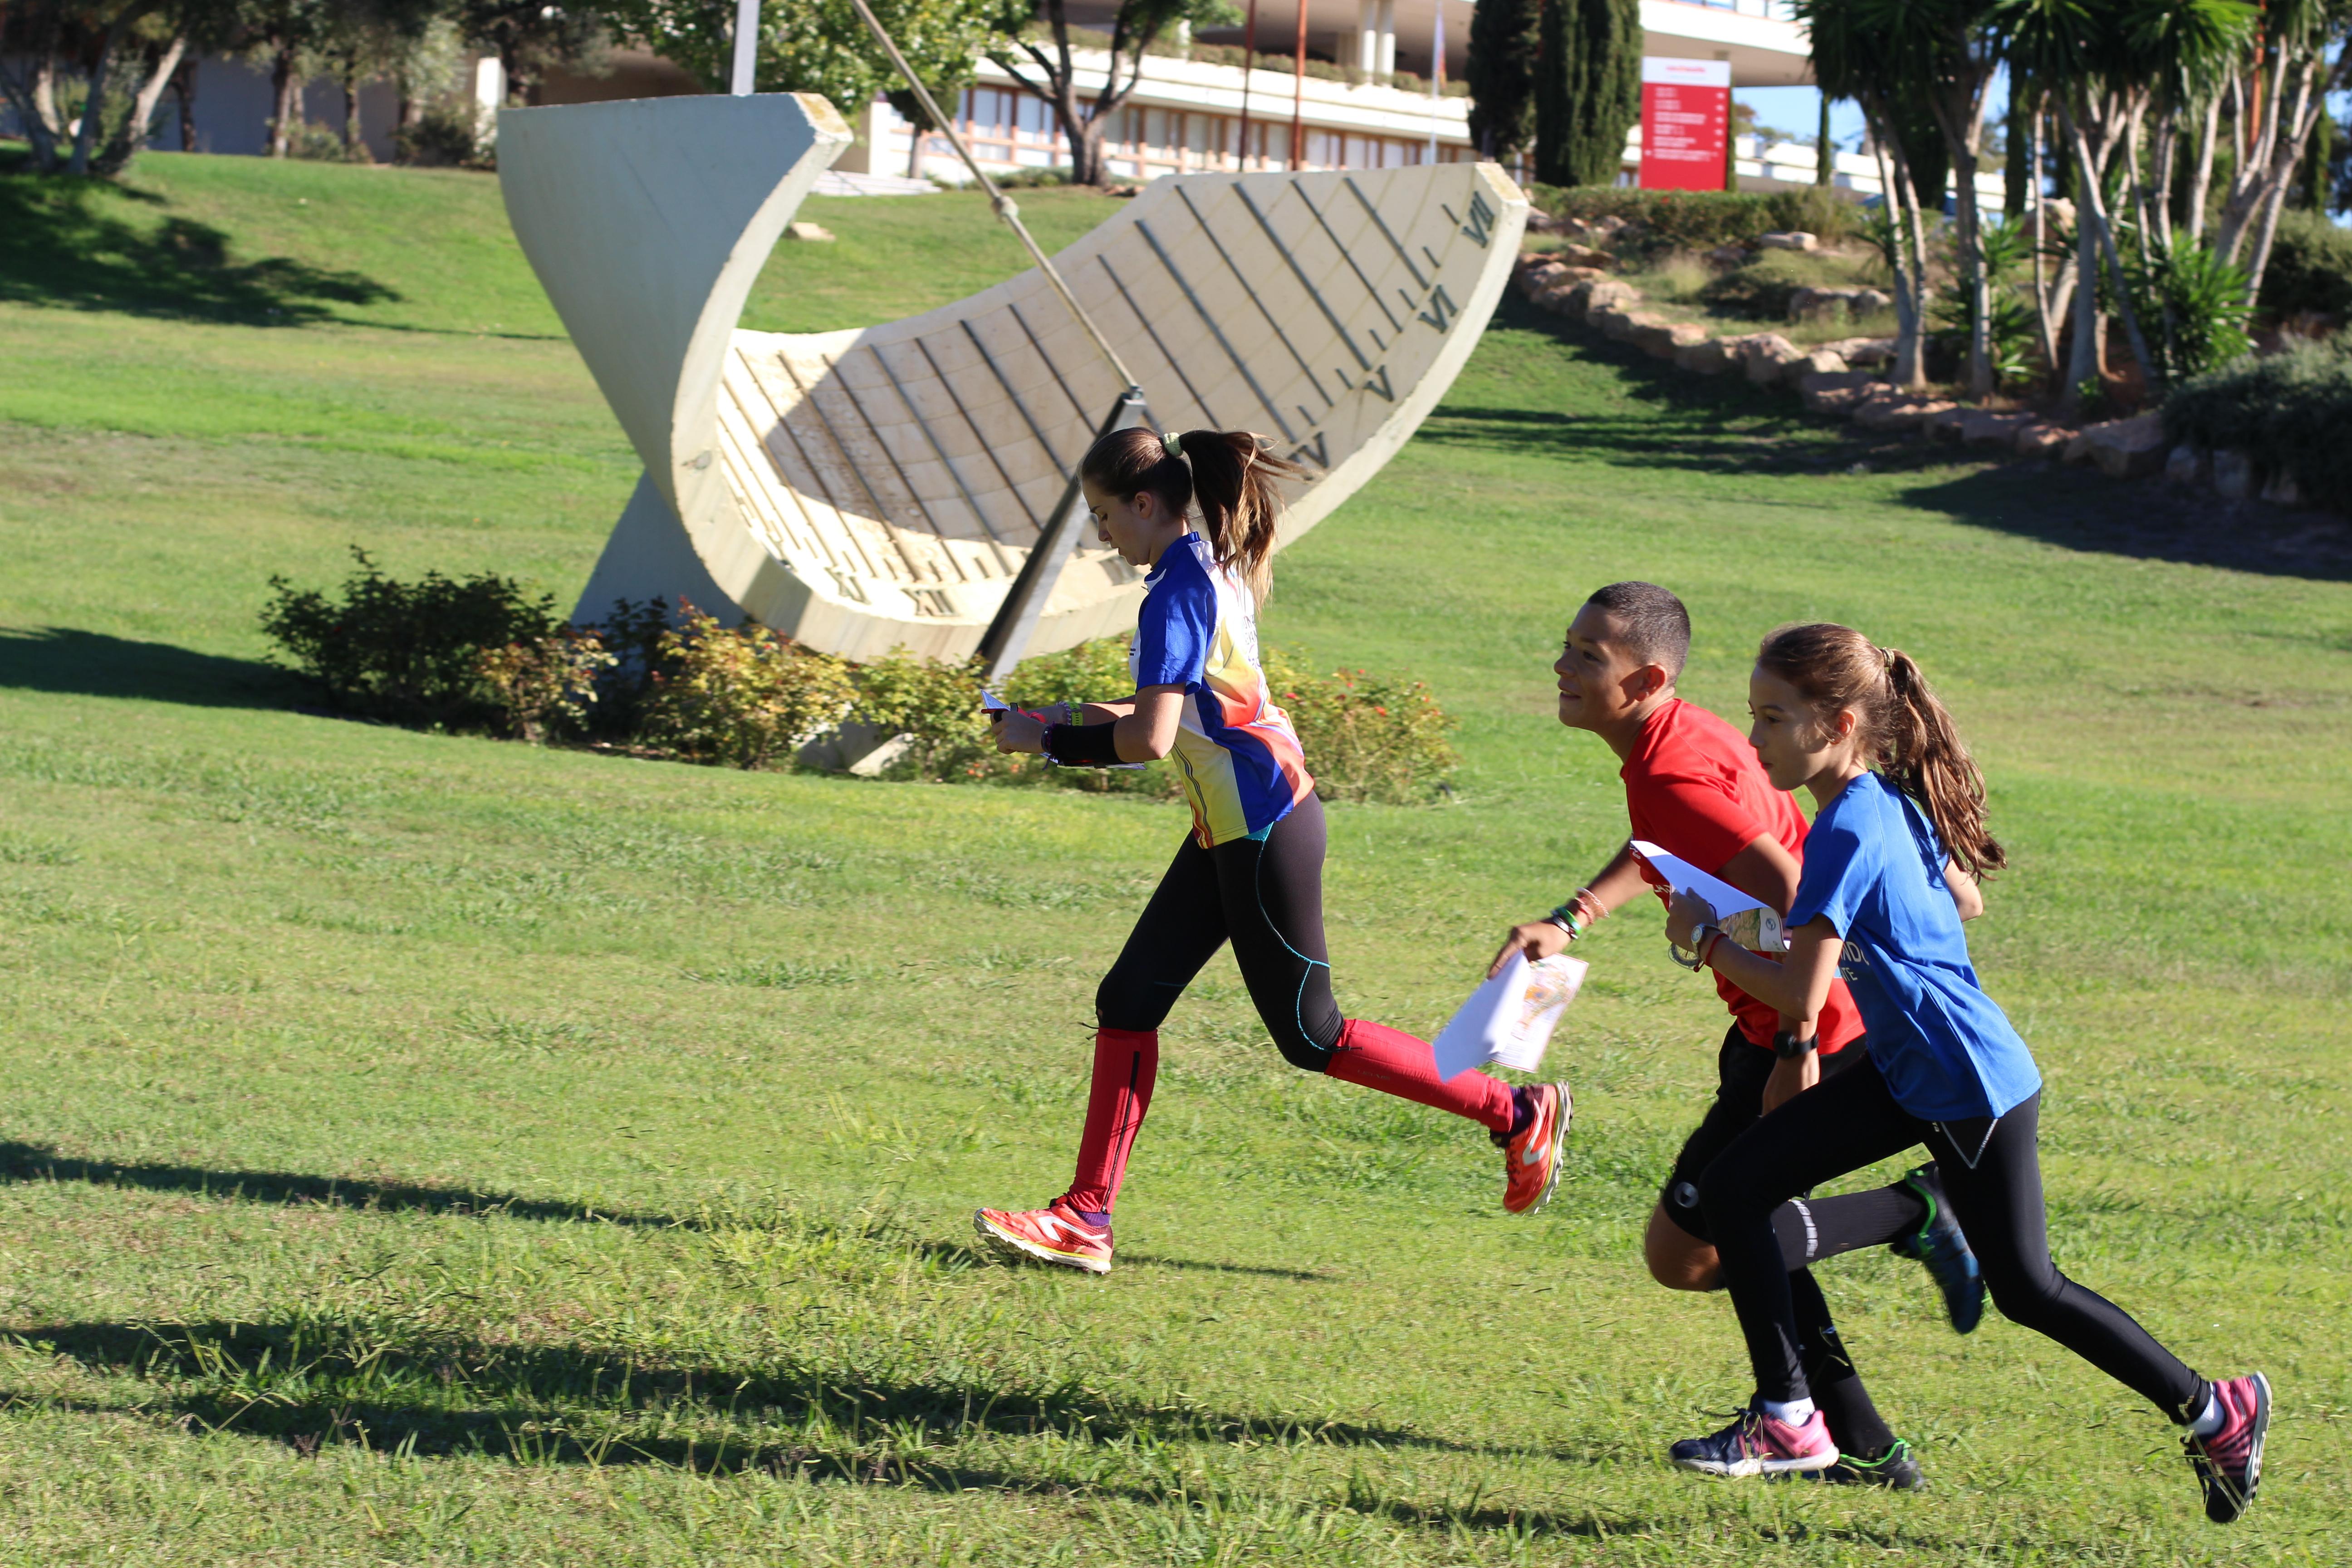 La competición se desarrolló en las categorías de alevín, infantil y cadete, en las que la dificultad se adaptó variando el número de controles, la distancia, el desnivel y la zona en la que se desarrolló el recorrido.